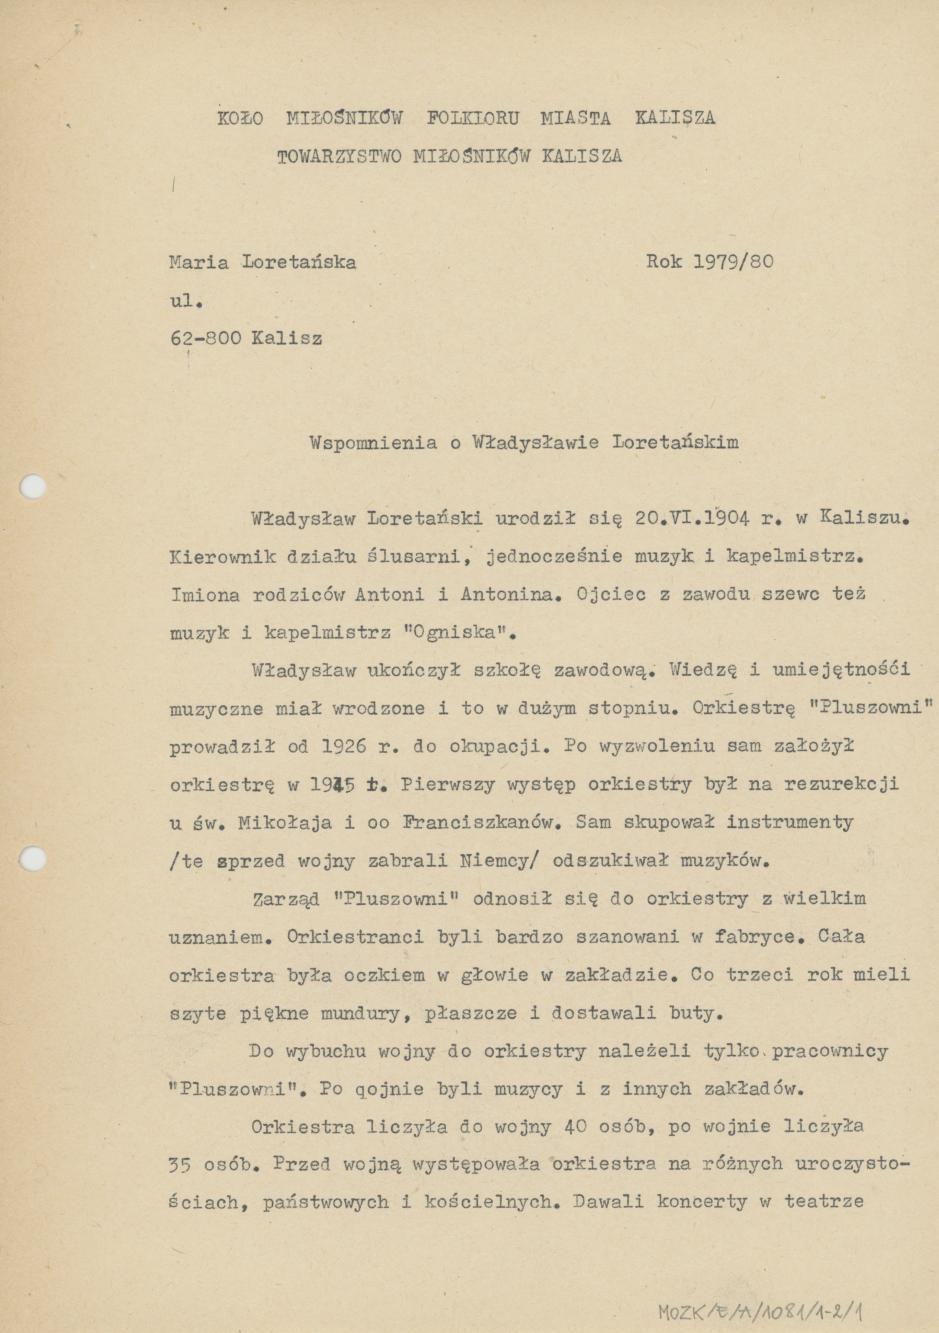 Wspomnienia o Władysławie Loretańskim